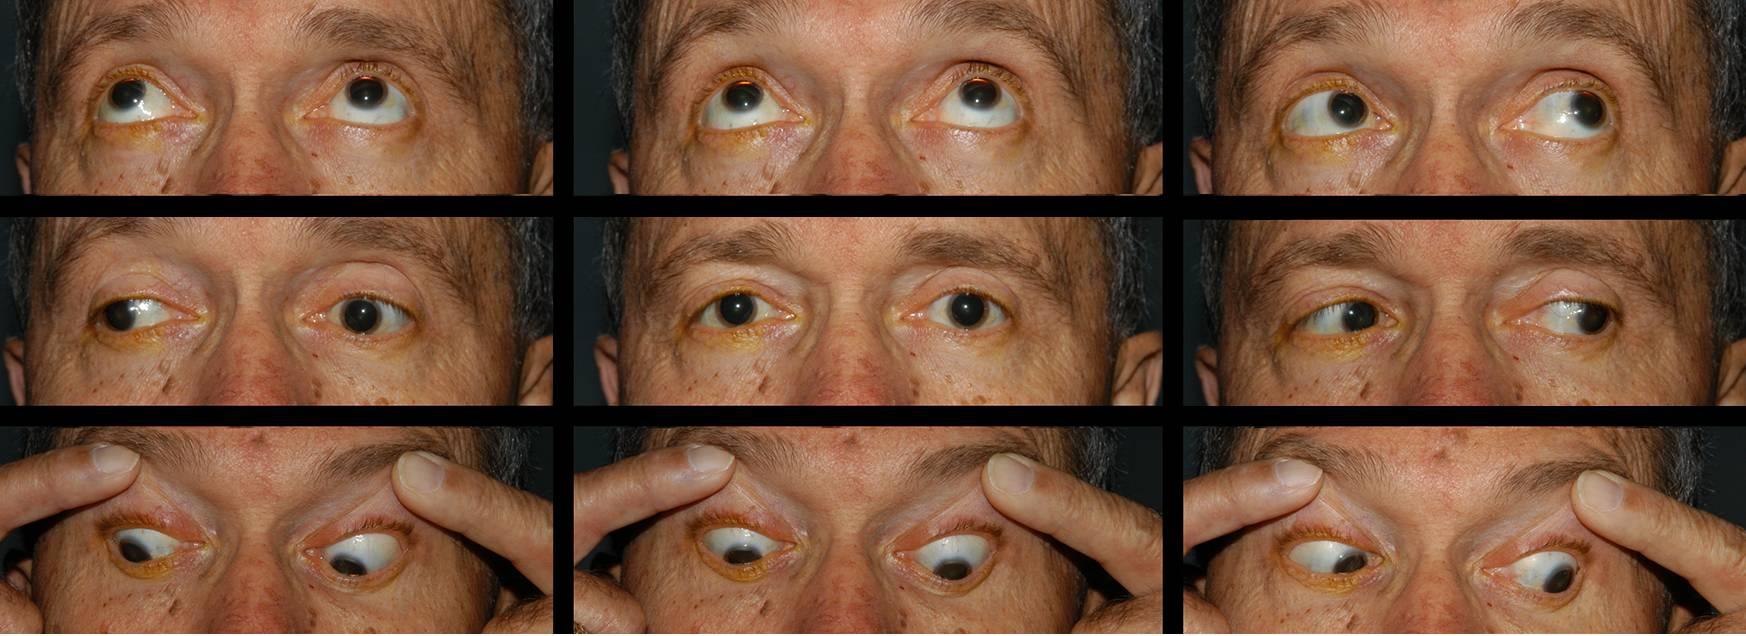 Офтальмоплегия (офтальмопарез) | компетентно о здоровье на ilive